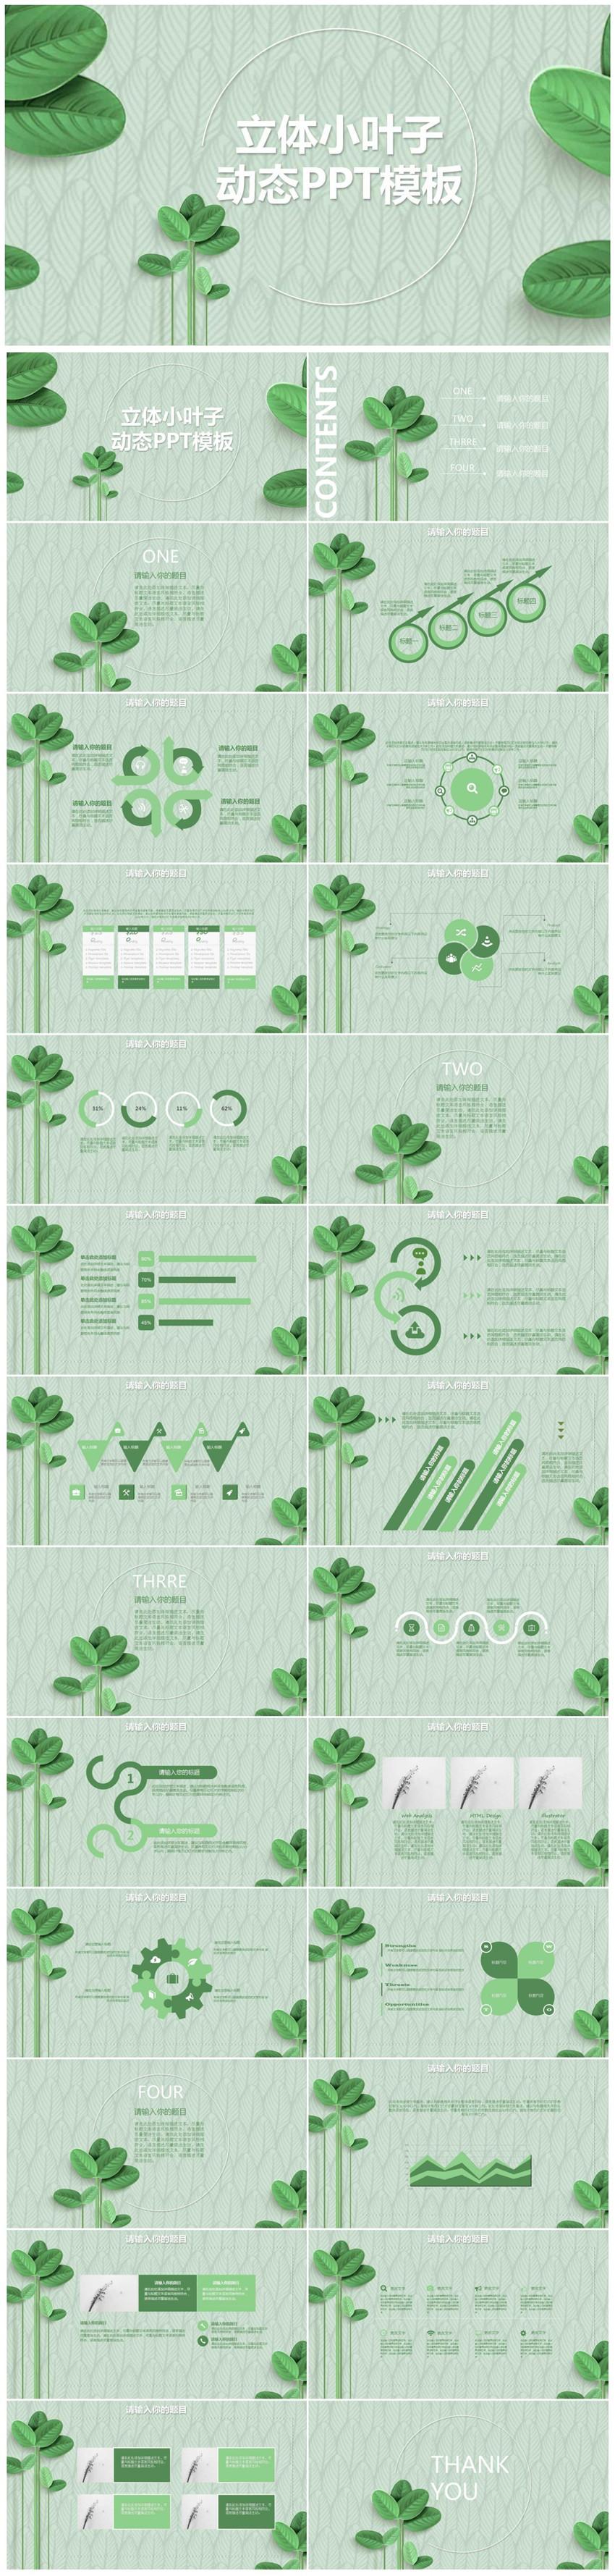 作品标题:绿色小清新工作总结ppt模板